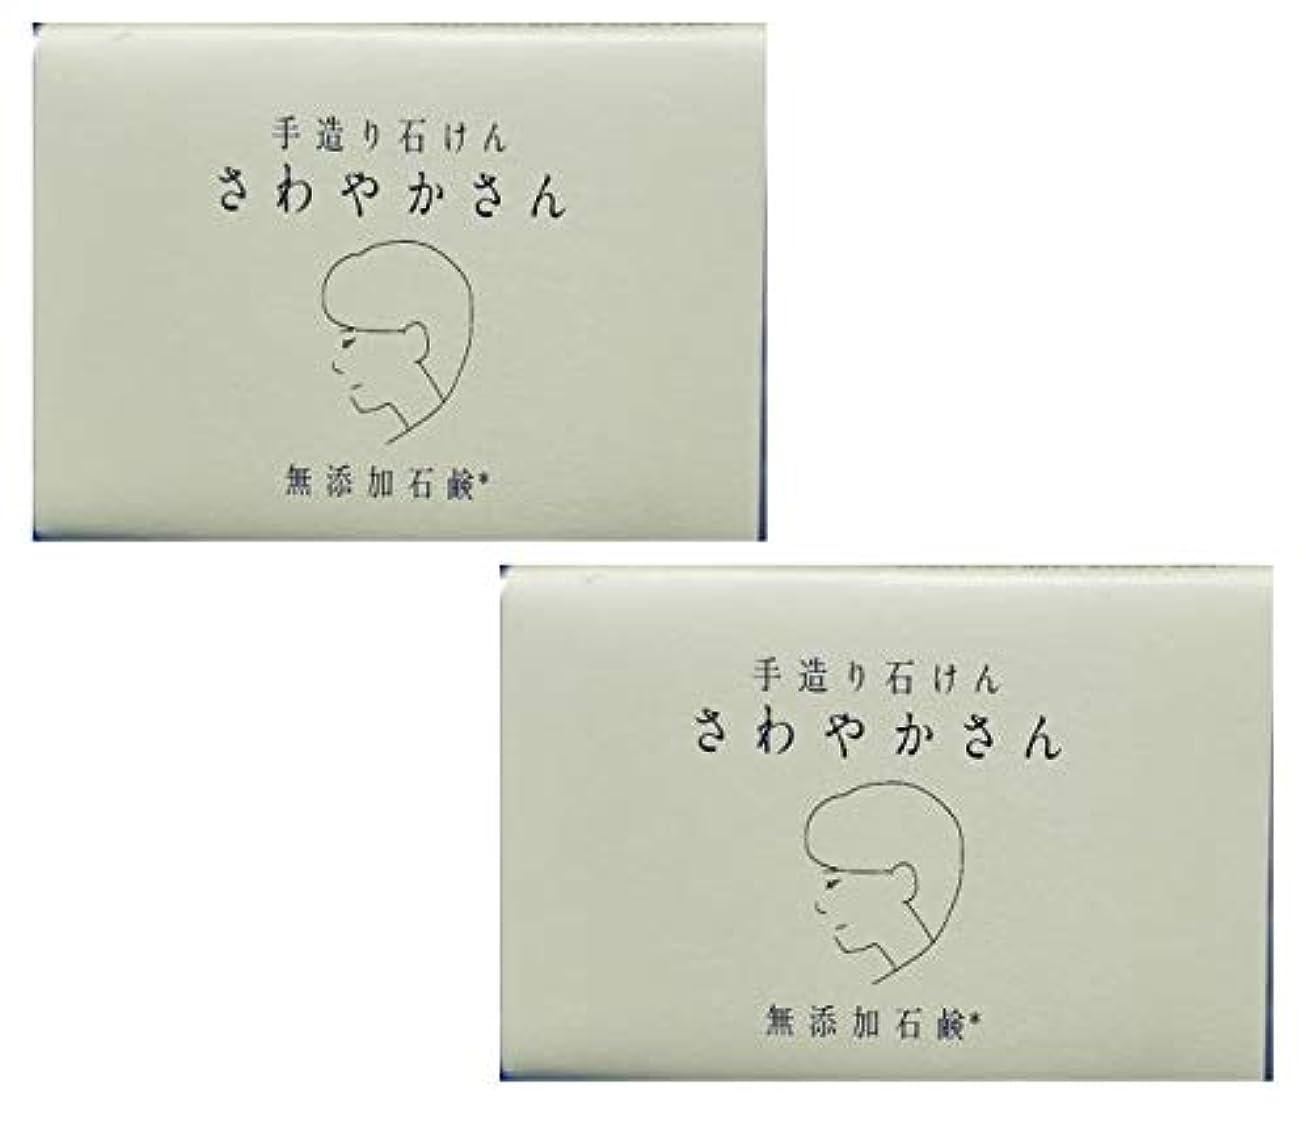 デンマークバースジェムやさしい 手造り石鹸 「さわやかさん」90g 無添加 コールドプロセス製法 洗顔せっけん (2個セット)